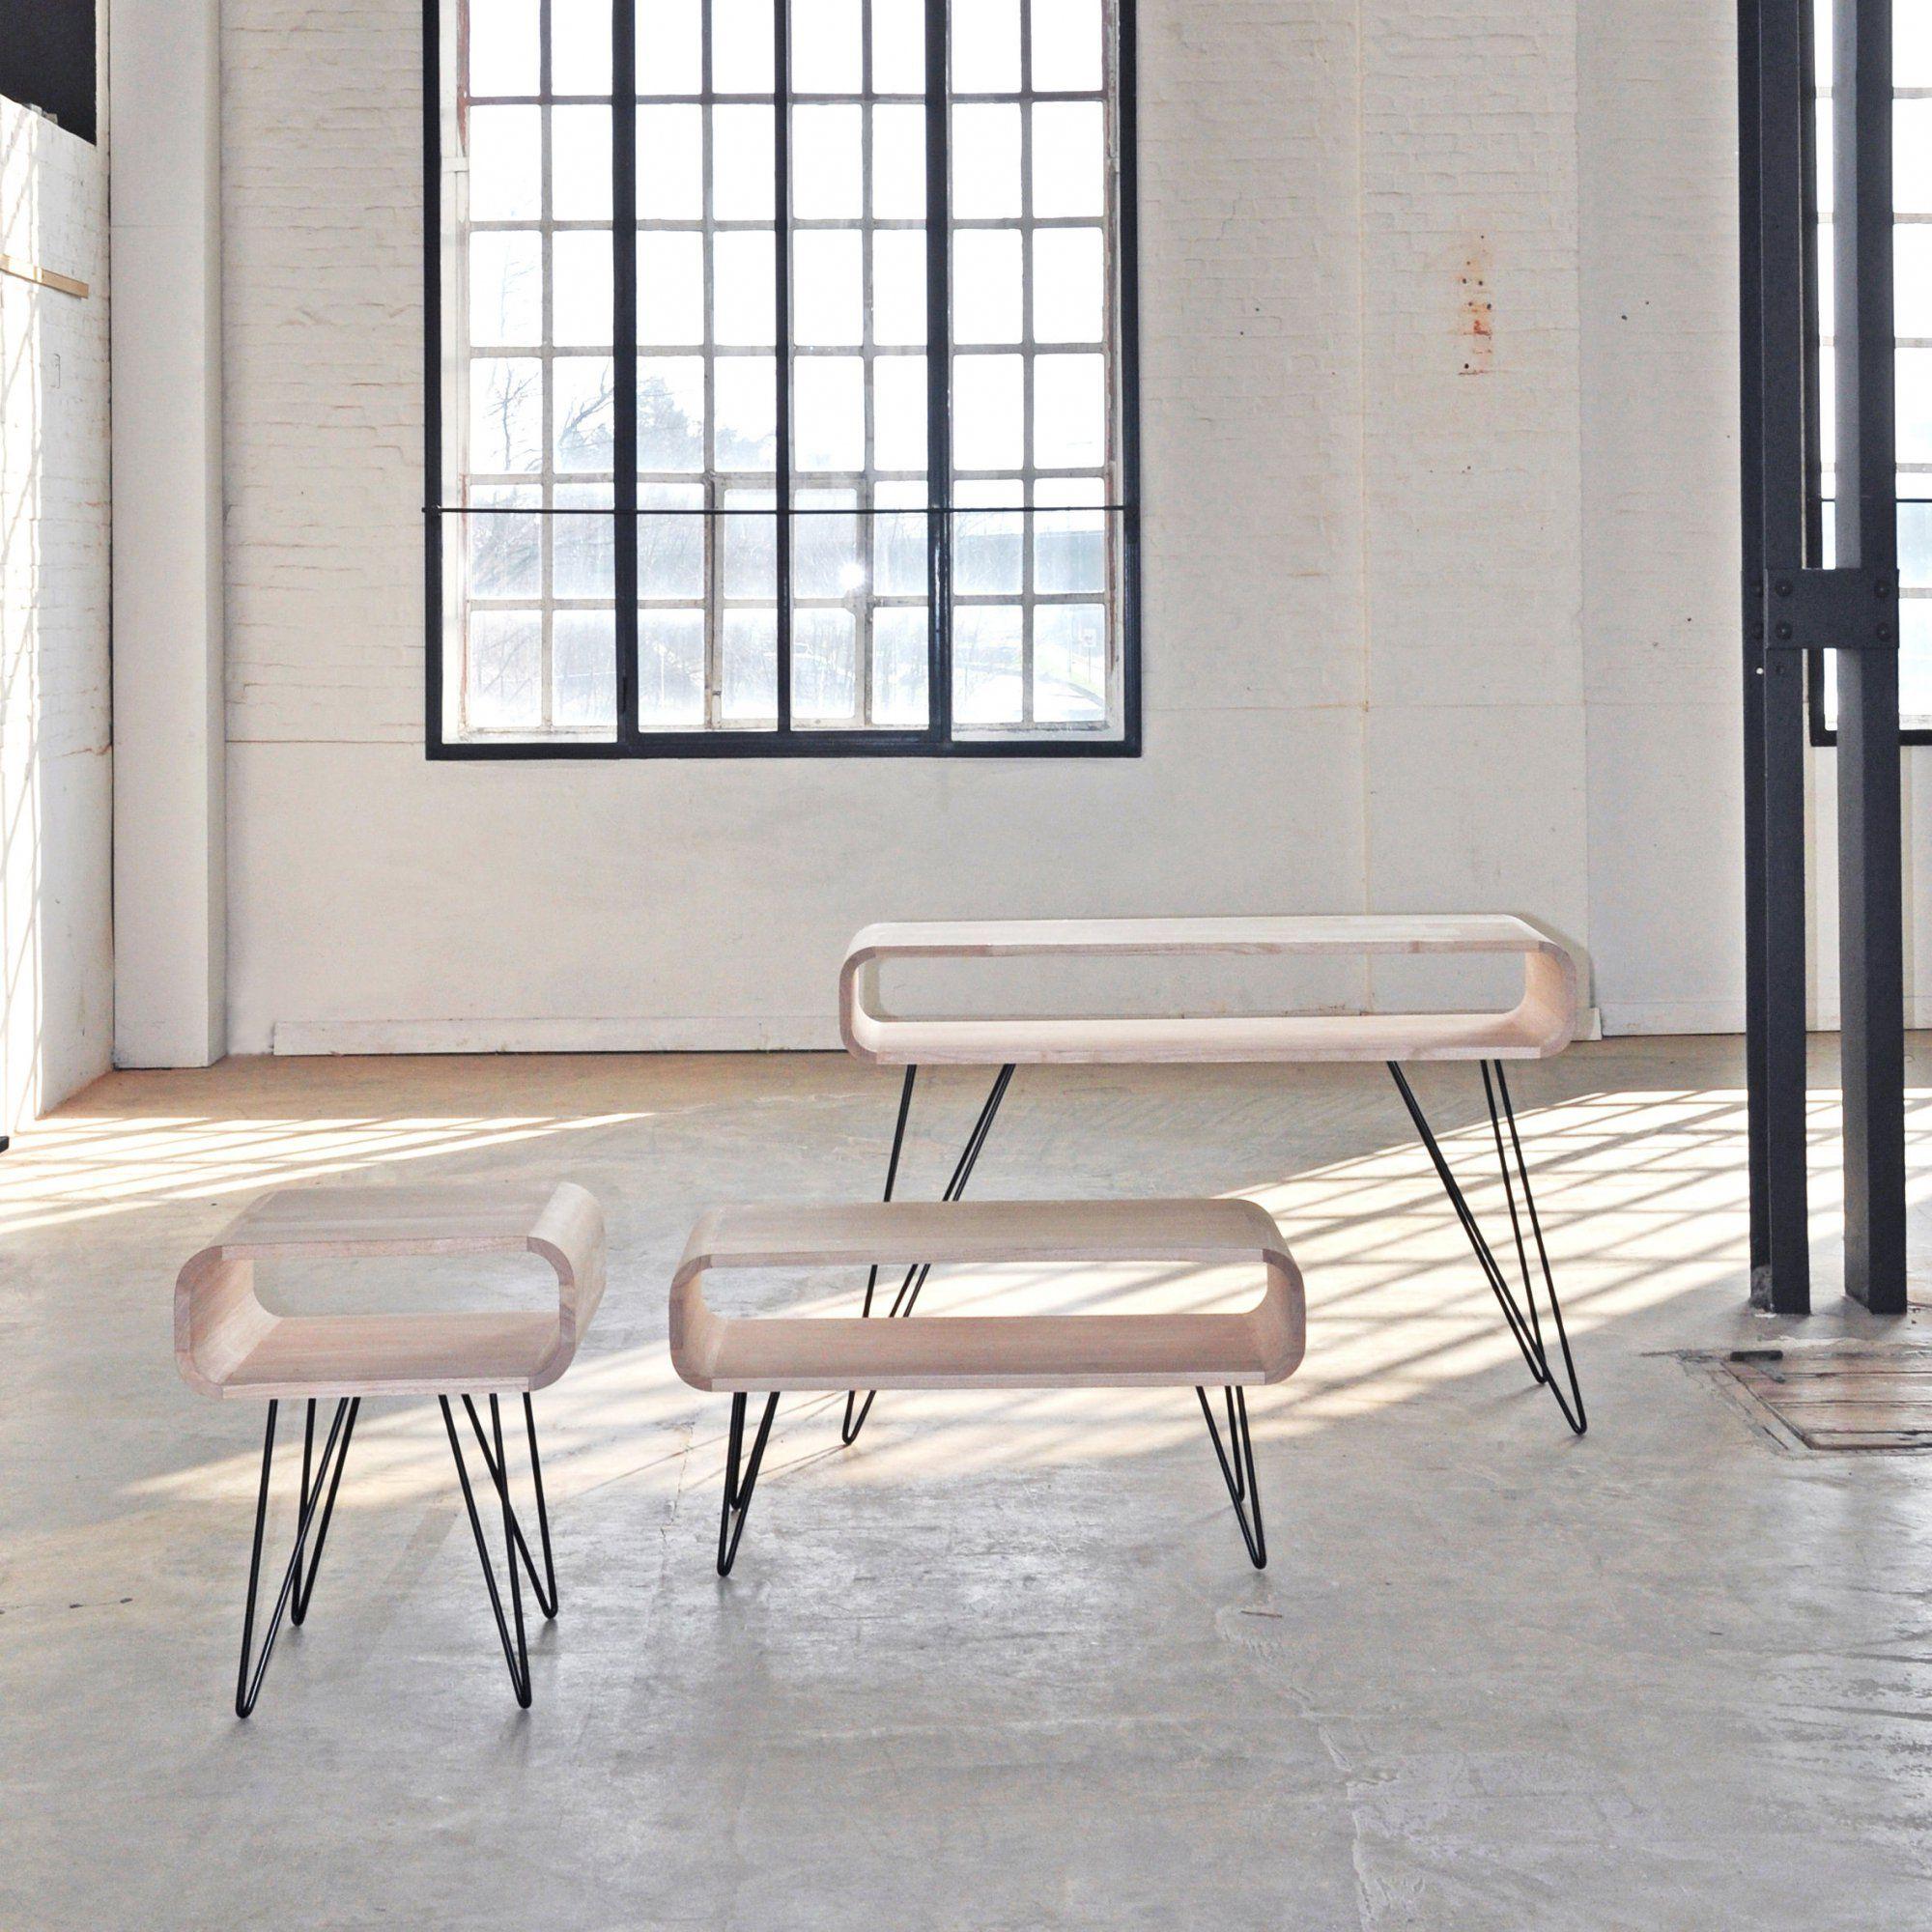 Table Basse Alleluia De Marie Christine Dorner Composee D Un Plateau Superieur En Verre Mirastar Double Face Miroir Table Basse Decoration Maison Miroir Fume